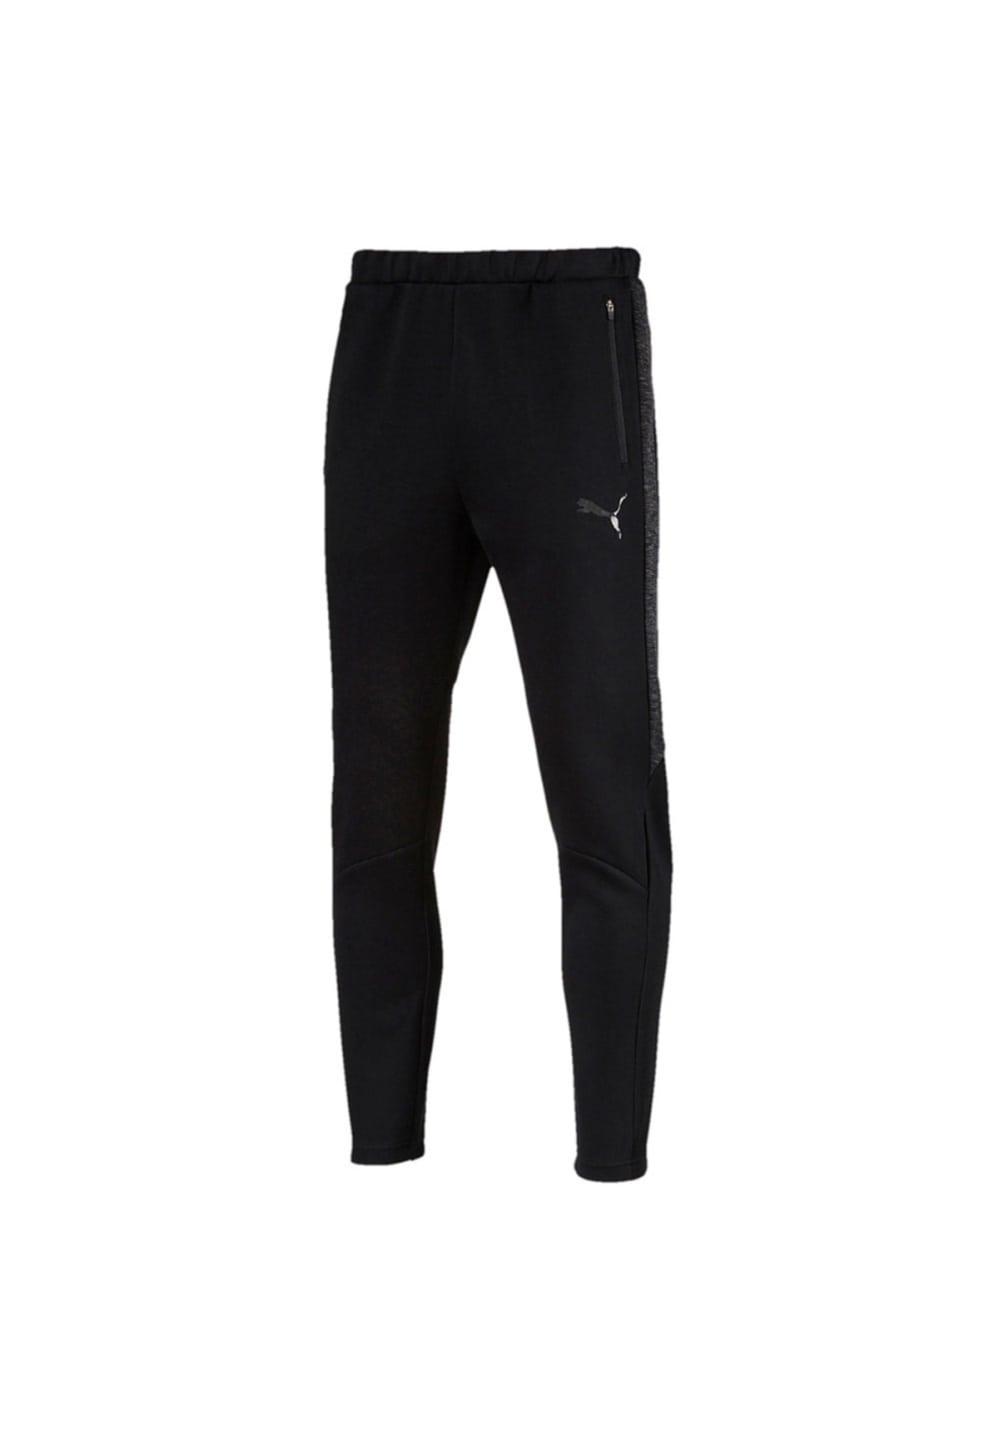 Puma Evostripe Pants - Fitnesshosen für Herren - Schwarz